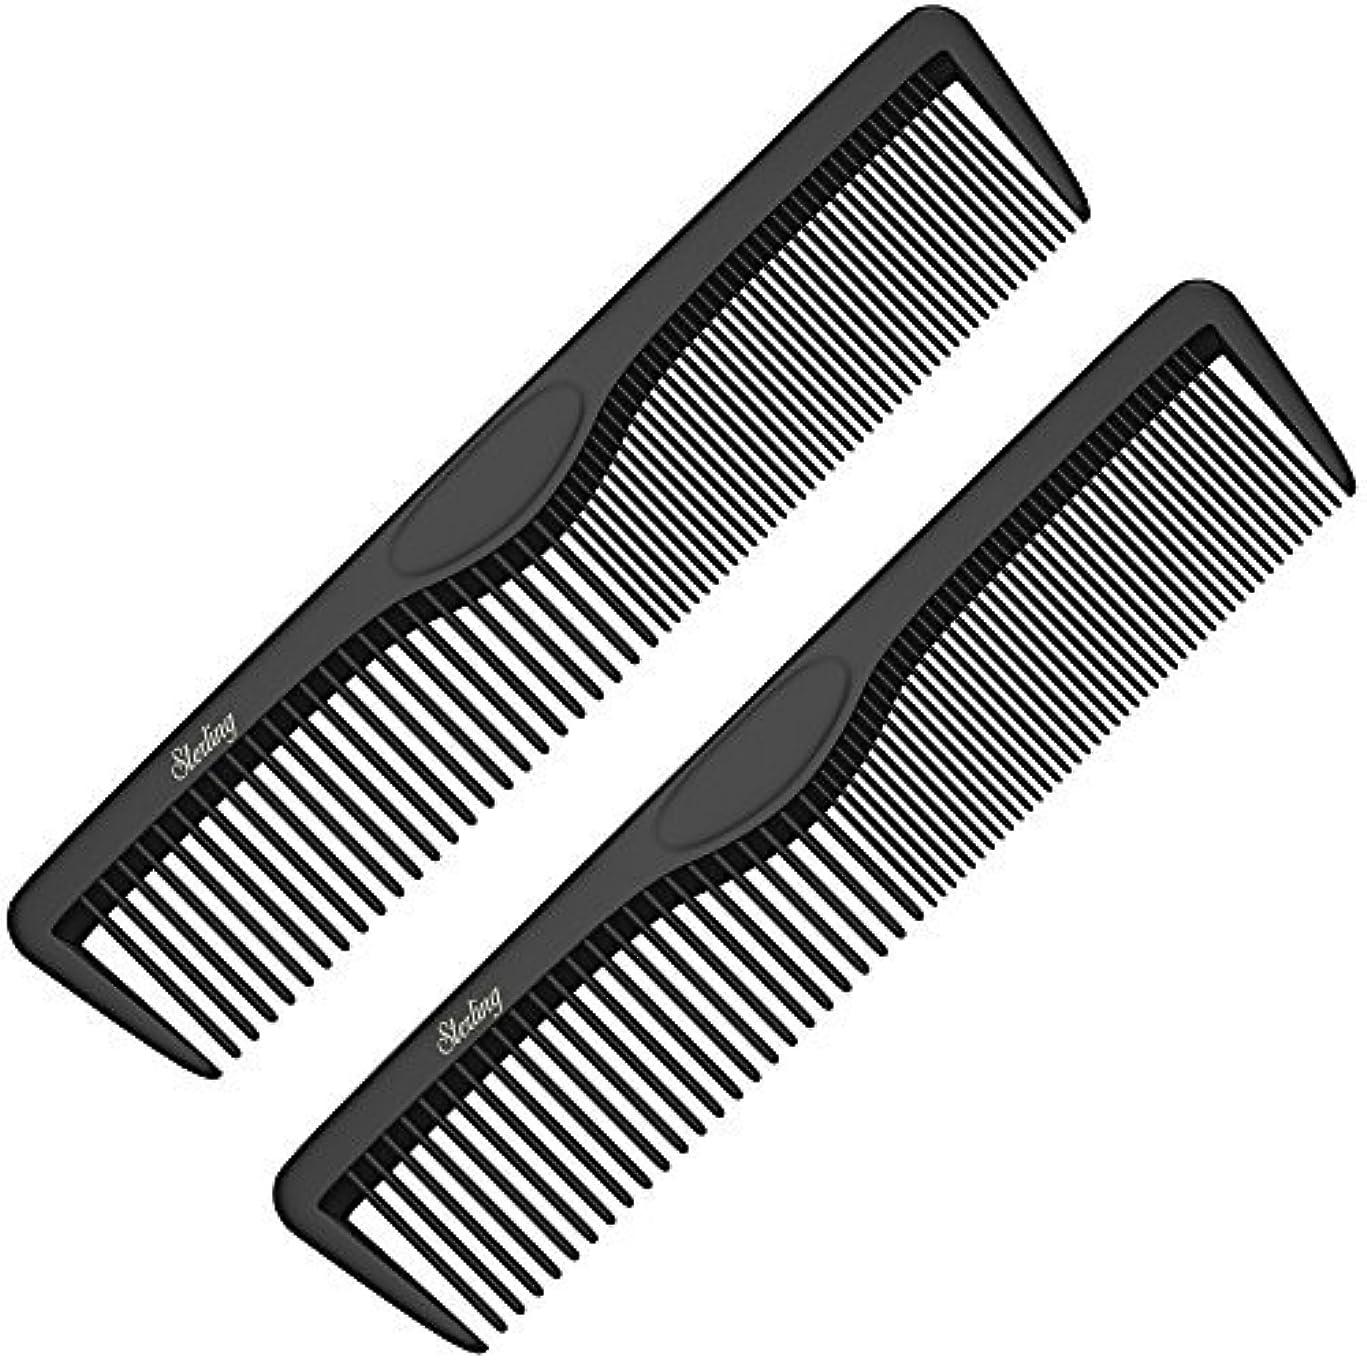 合法バンジージャンプ蒸し器Pocket Combs   2 Pack   Professional 5 Inch Black Carbon Fiber Hair Comb   Fine And Wide Tooth Travel Comb Set   Anti Static Chemical and Heat Resistant   Mens Beard And Styling Haircomb Supplies   Ba [並行輸入品]